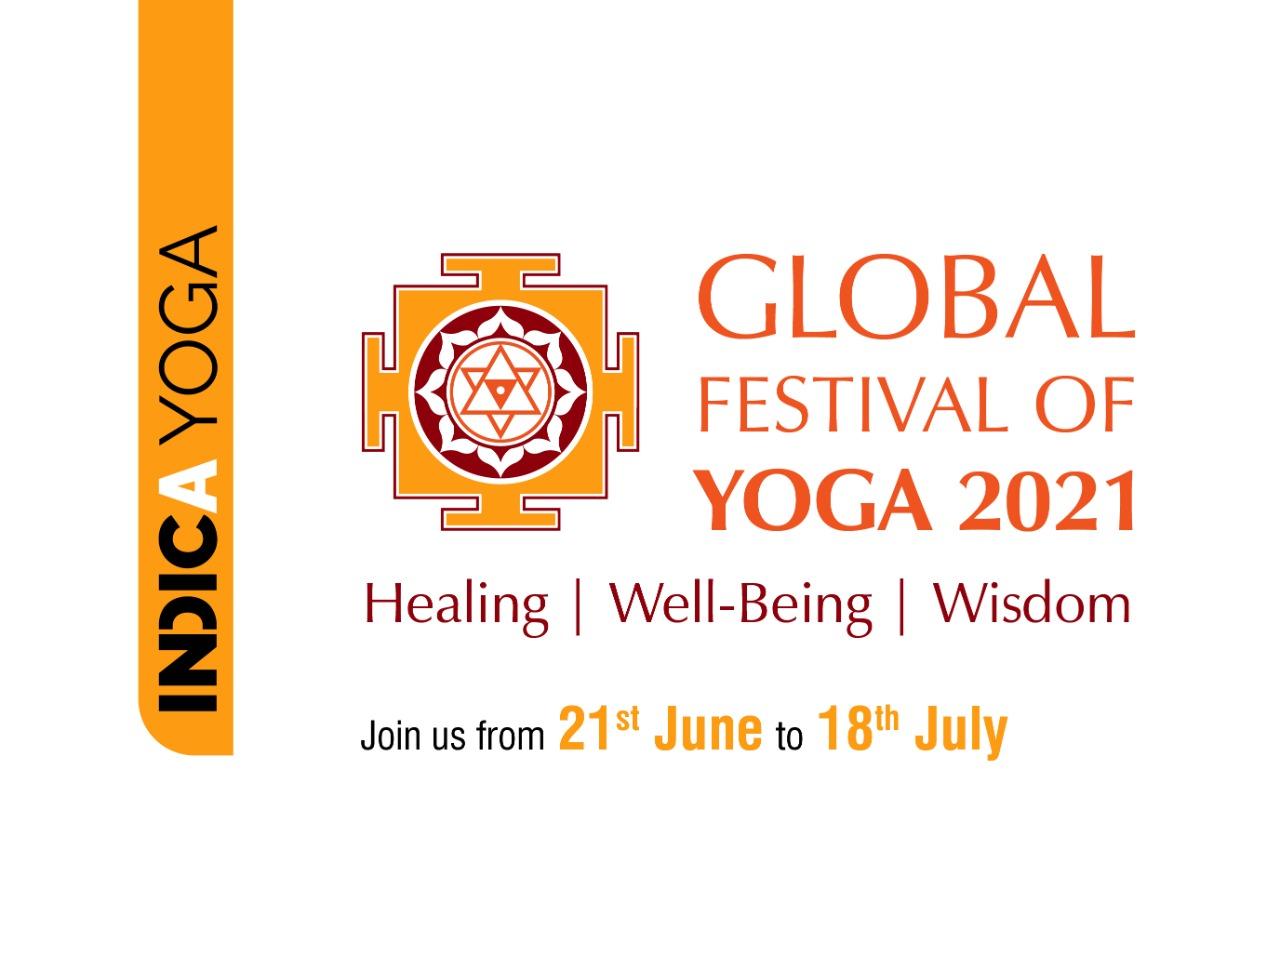 Global Festival of Yoga-2021